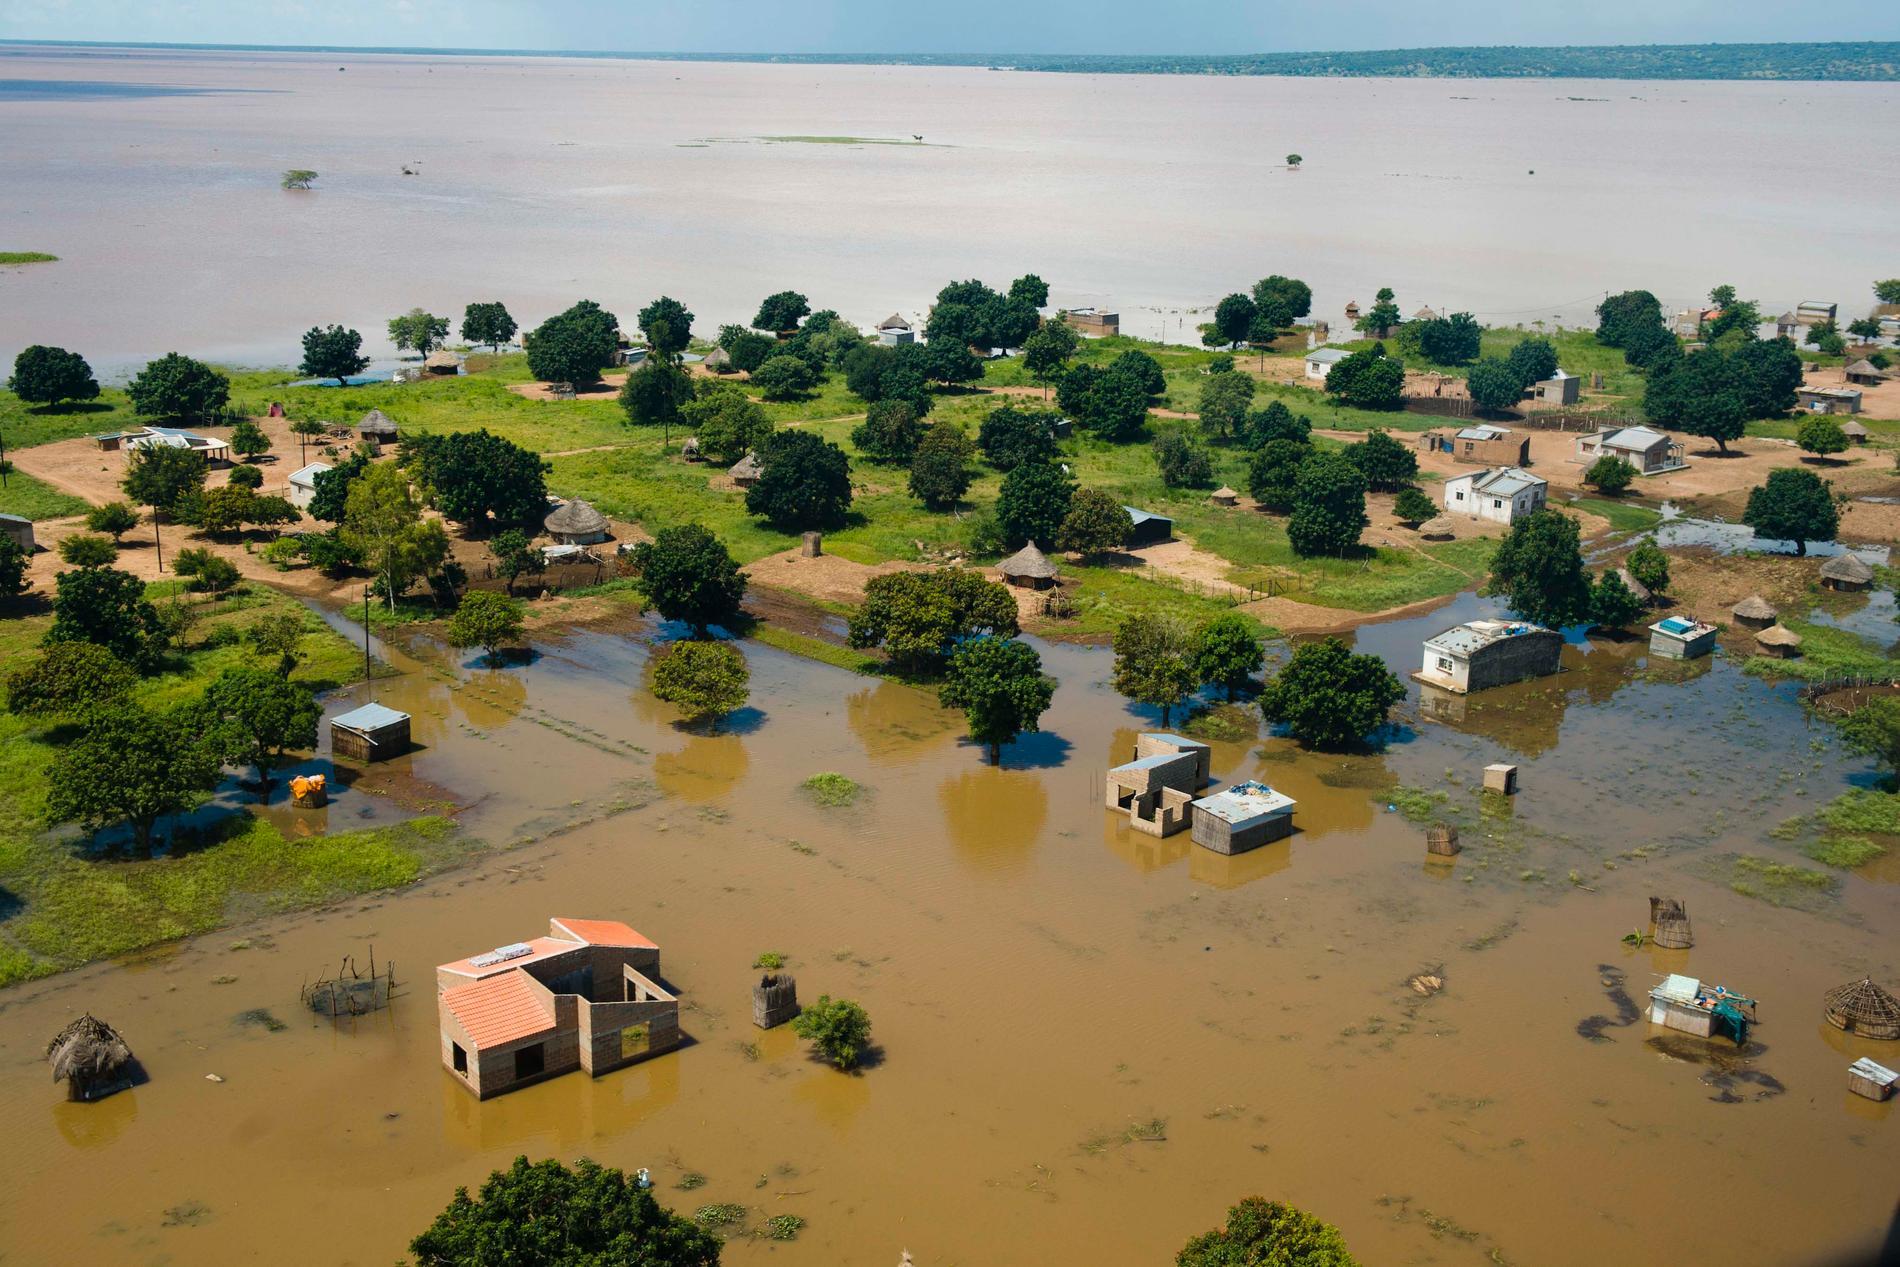 Moçambique drabbas regelbundet av svåra översvämningar. Bilden är tagen år 2013. Arkivbild.